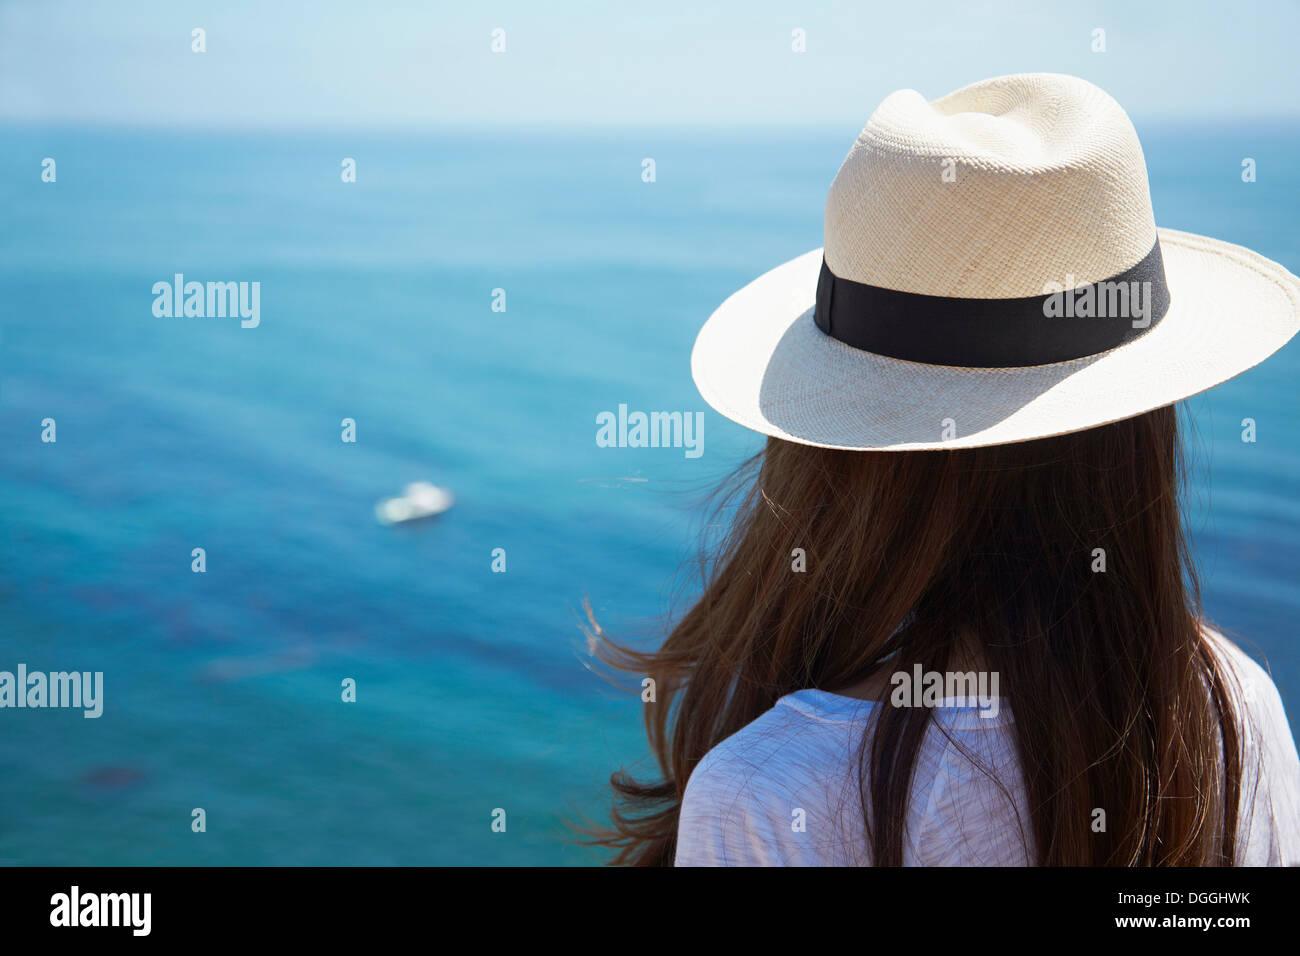 Mujer joven mirando al mar, Palos Verdes, California, EE.UU. Foto de stock